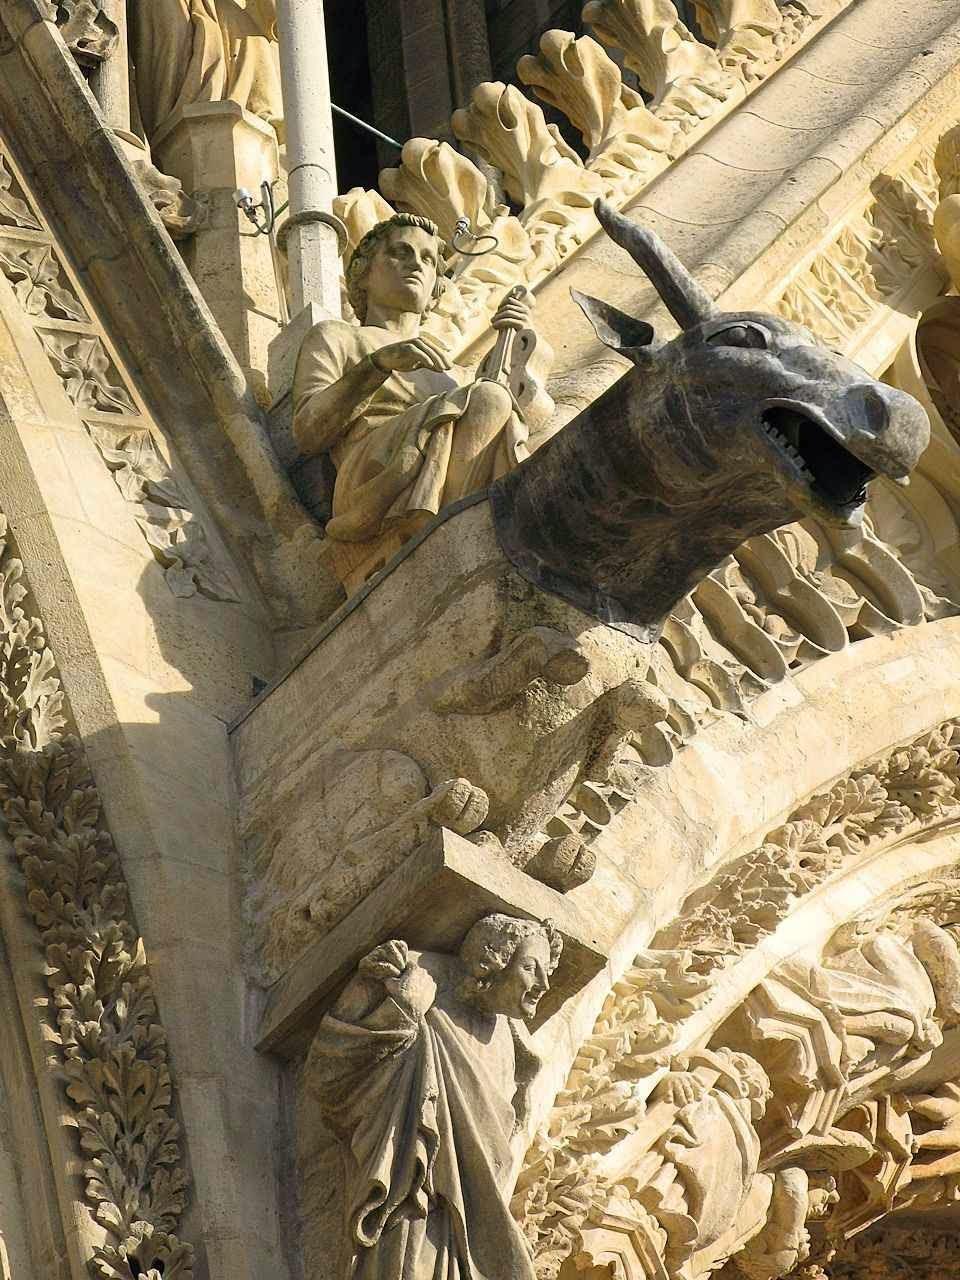 São Lucas Evangelista é representado pelo boi. Catedral de Reims, detalhe da fachada.